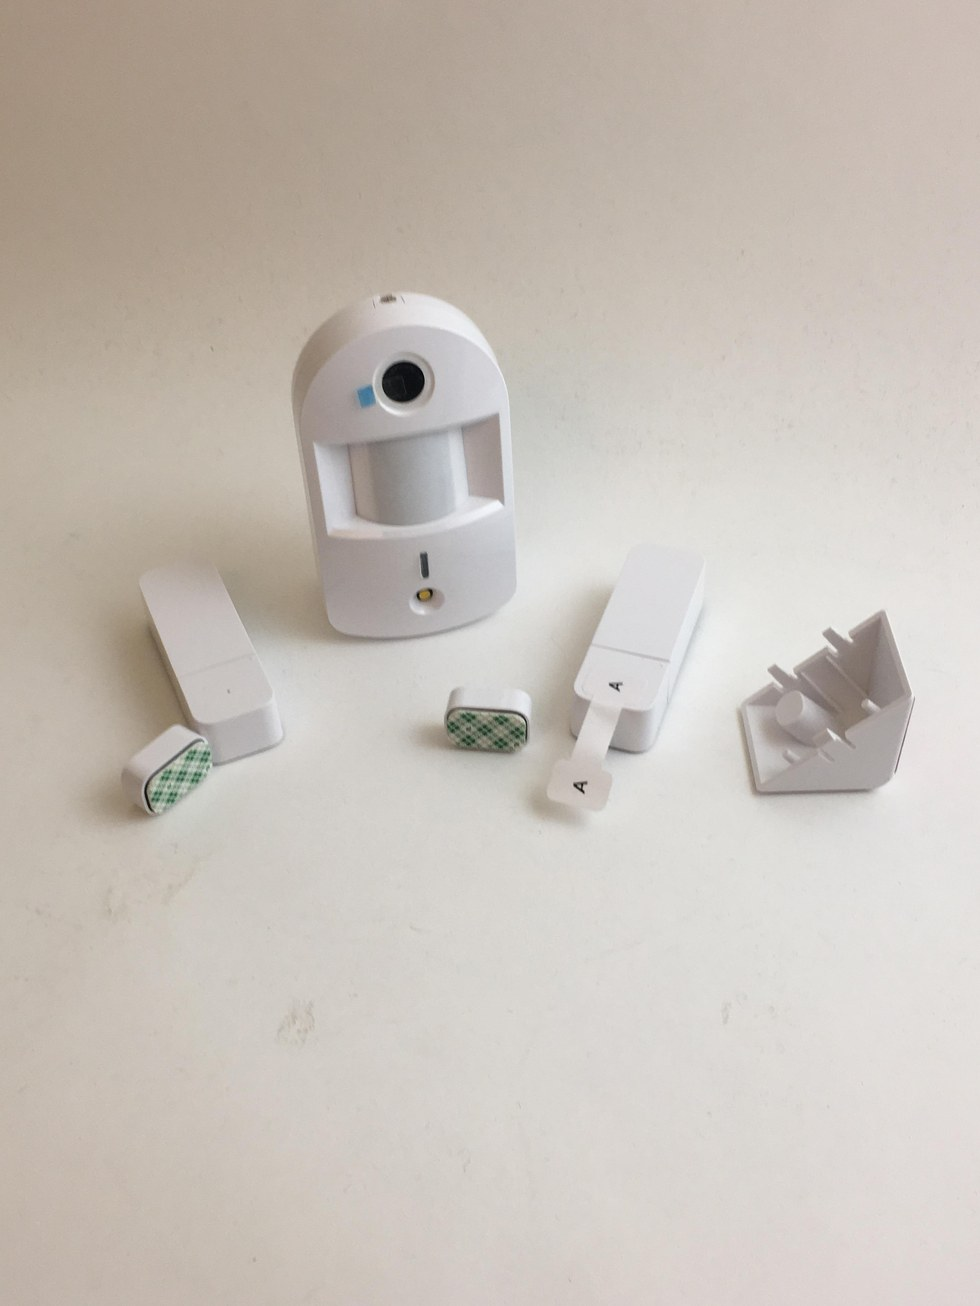 Abode Motion Sensor Camera